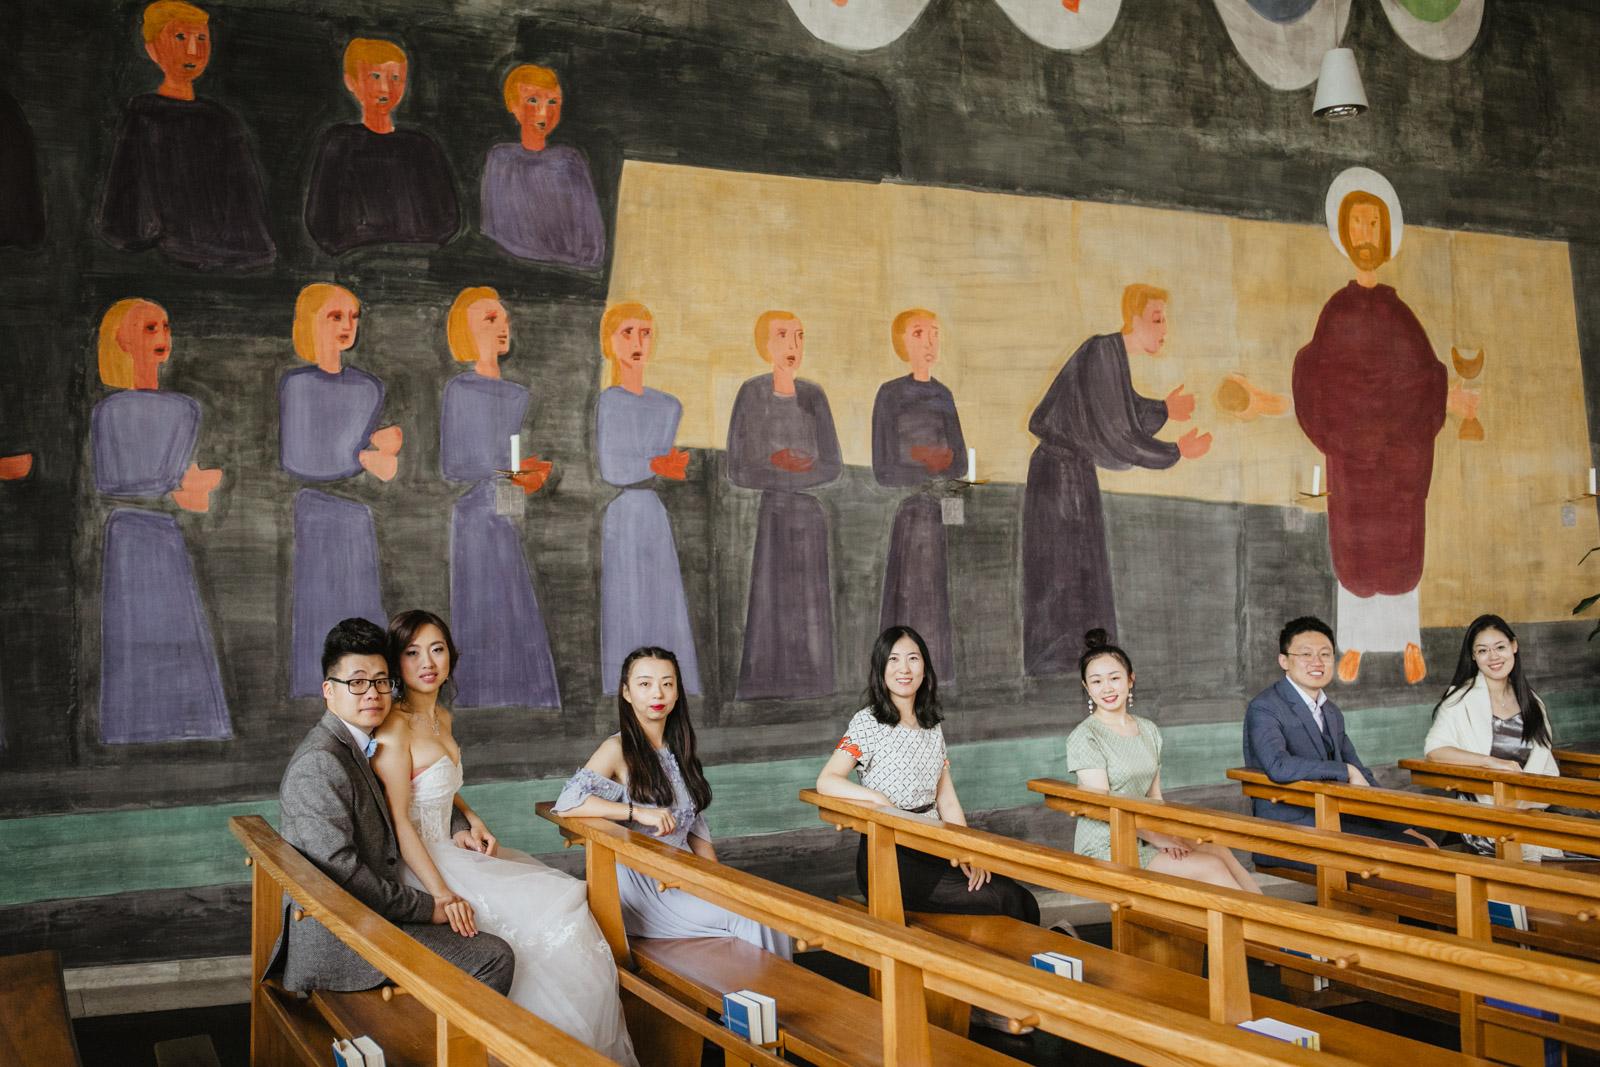 Braut, Bräutigam und Hochzeitsgesellschaft in Kirche